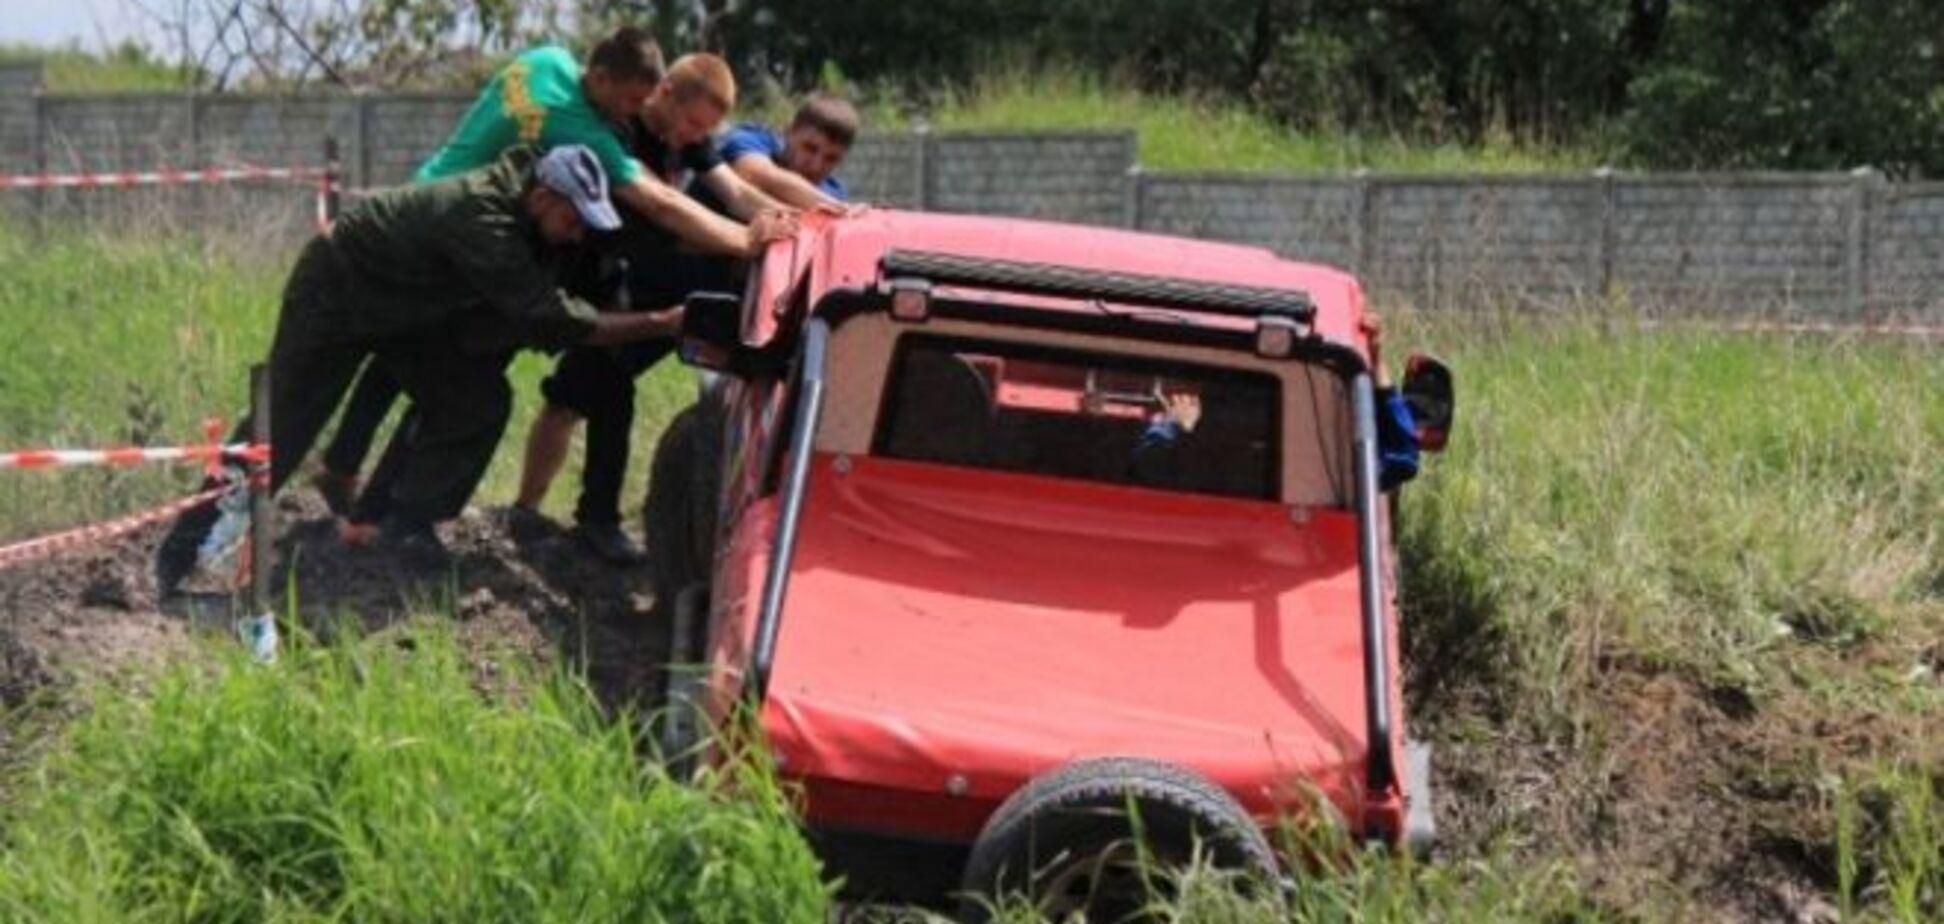 Танки надоели. В 'ЛНР' устроили гонки по грязи на внедорожниках: фото развлечения